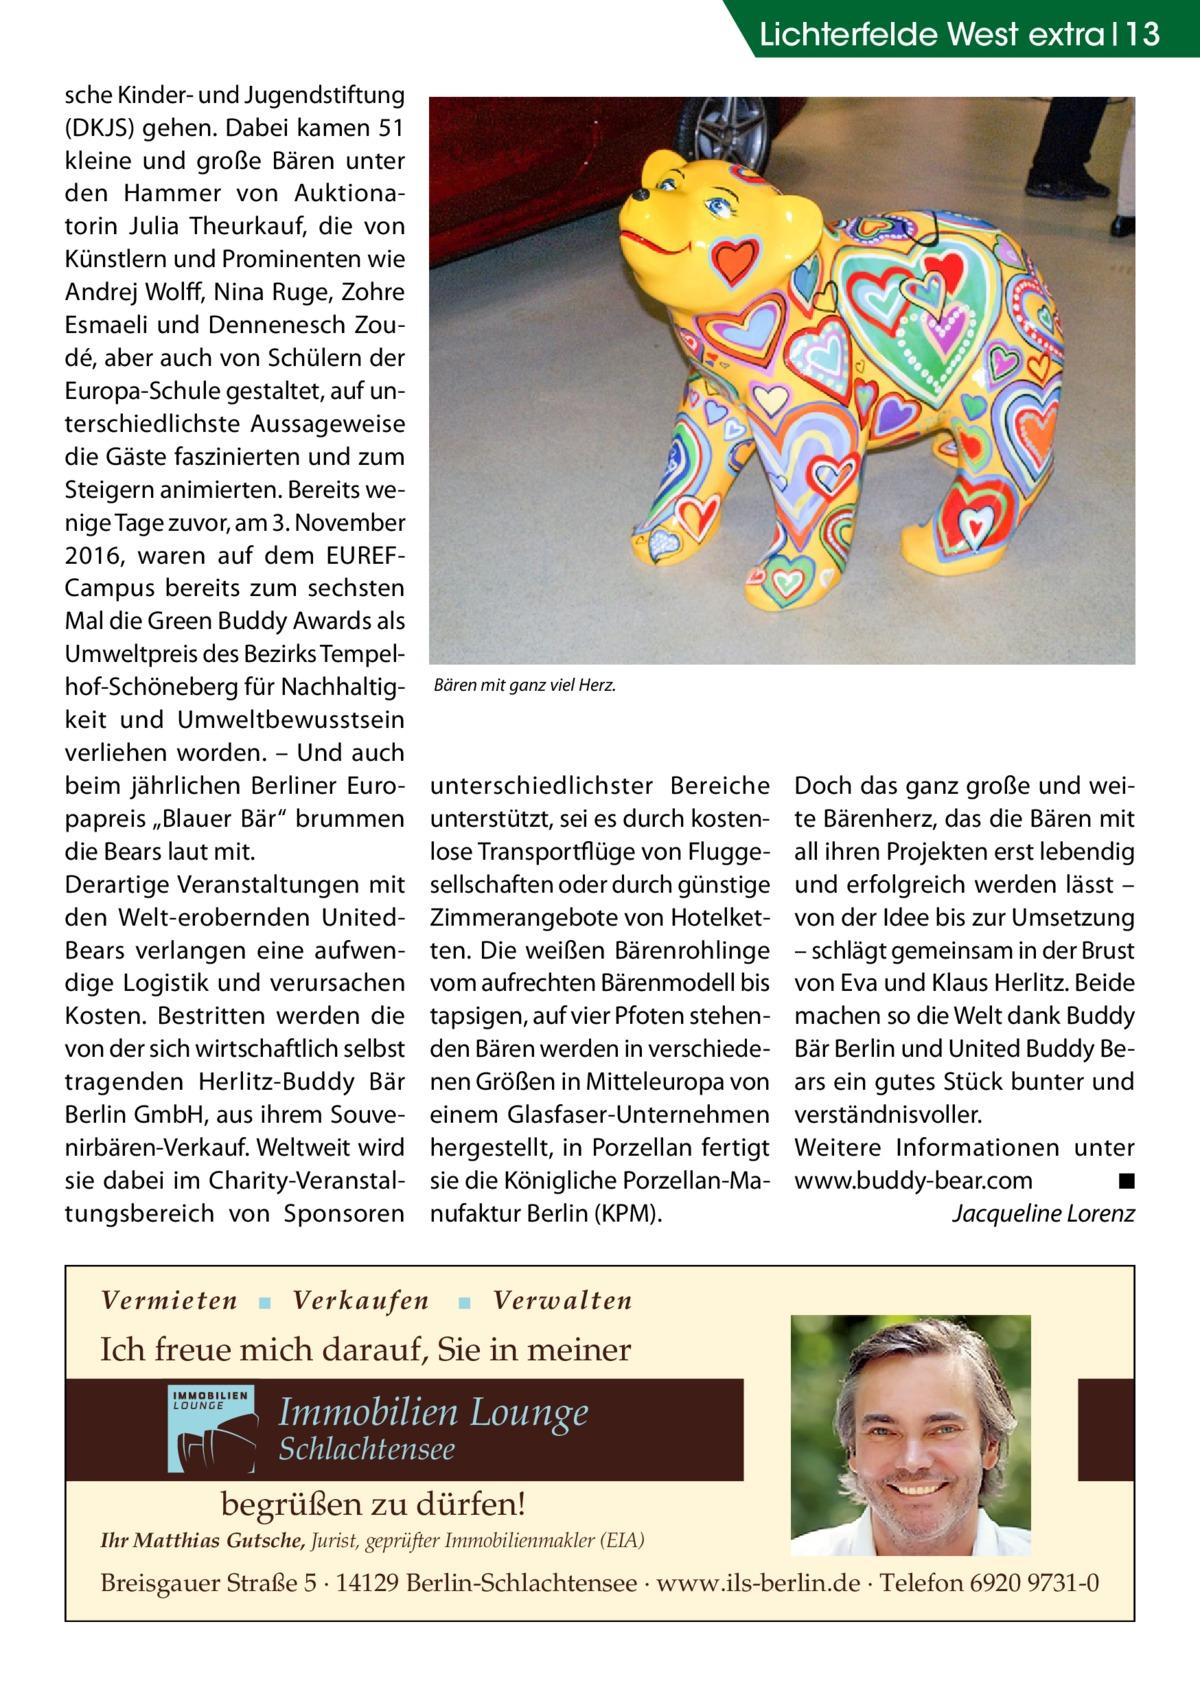 """Lichterfelde West extra 13 sche Kinder- und Jugendstiftung (DKJS) gehen. Dabei kamen 51 kleine und große Bären unter den Hammer von Auktionatorin Julia Theurkauf, die von Künstlern und Prominenten wie Andrej Wolff, Nina Ruge, Zohre Esmaeli und Dennenesch Zoudé, aber auch von Schülern der Europa-Schule gestaltet, auf unterschiedlichste Aussageweise die Gäste faszinierten und zum Steigern animierten. Bereits wenige Tage zuvor, am 3.November 2016, waren auf dem EUREFCampus bereits zum sechsten Mal die Green Buddy Awards als Umweltpreis des Bezirks Tempelhof-Schöneberg für Nachhaltigkeit und Umweltbewusstsein verliehen worden. – Und auch beim jährlichen Berliner Europapreis """"Blauer Bär"""" brummen die Bears laut mit. Derartige Veranstaltungen mit den Welt-erobernden United- Bears verlangen eine aufwendige Logistik und verursachen Kosten. Bestritten werden die von der sich wirtschaftlich selbst tragenden Herlitz-Buddy Bär Berlin GmbH, aus ihrem Souvenirbären-Verkauf. Weltweit wird sie dabei im Charity-Veranstaltungsbereich von Sponsoren  Bären mit ganz viel Herz.  unterschiedlichster Bereiche unterstützt, sei es durch kostenlose Transportflüge von Fluggesellschaften oder durch günstige Zimmerangebote von Hotelketten. Die weißen Bärenrohlinge vom aufrechten Bärenmodell bis tapsigen, auf vier Pfoten stehenden Bären werden in verschiedenen Größen in Mitteleuropa von einem Glasfaser-Unternehmen hergestellt, in Porzellan fertigt sie die Königliche Porzellan-Manufaktur Berlin (KPM).  Vermieten ▪ Verkaufen  Doch das ganz große und weite Bärenherz, das die Bären mit all ihren Projekten erst lebendig und erfolgreich werden lässt – von der Idee bis zur Umsetzung – schlägt gemeinsam in der Brust von Eva und Klaus Herlitz. Beide machen so die Welt dank Buddy Bär Berlin und United Buddy Bears ein gutes Stück bunter und verständnisvoller. Weitere Informationen unter www.buddy-bear.com� ◾ � Jacqueline Lorenz  ▪ Verwalten  Ich freue mich darauf, Sie in meiner  Immobilien Lounge Schlachtens"""